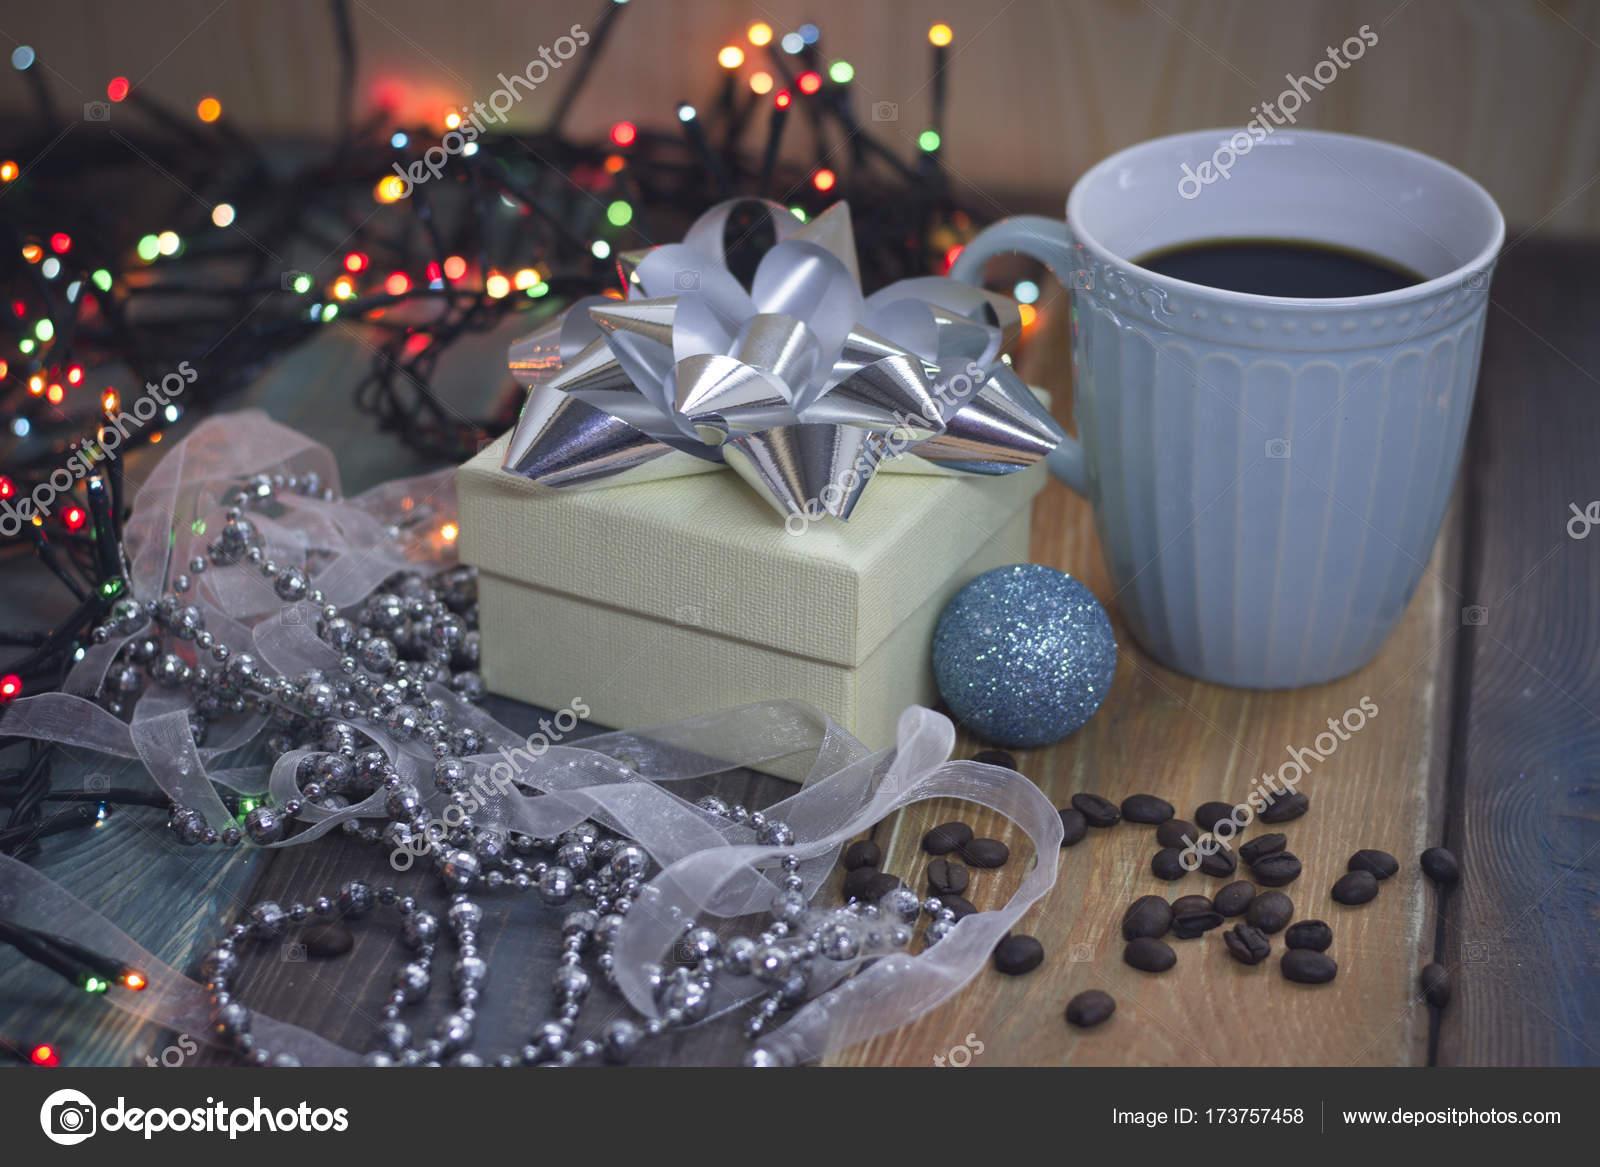 Blaue Weihnachtsbeleuchtung.Weißen Geschenkbox Blau Cup Blaue Kugel Und Perlen Auf Dem Tisch